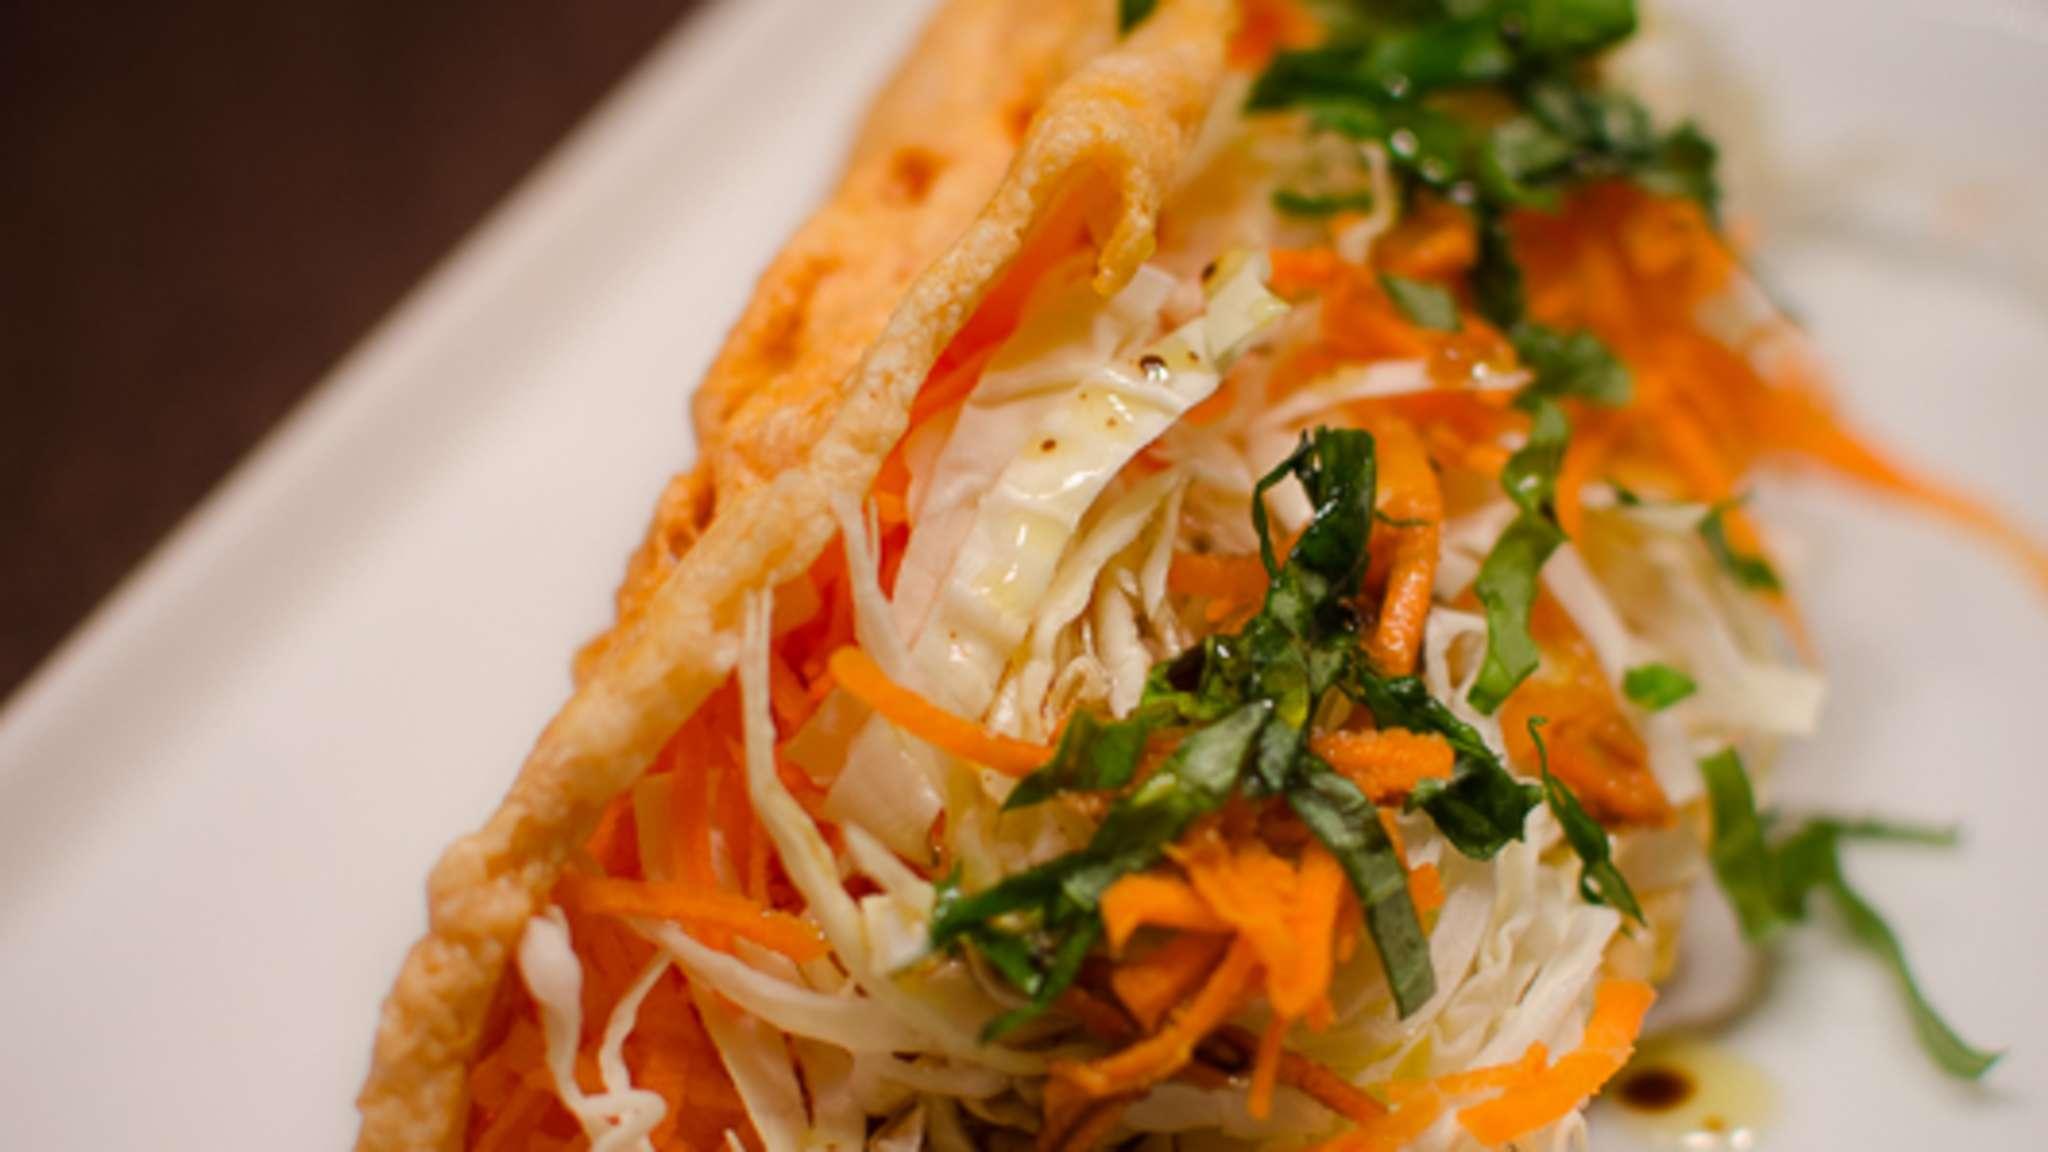 Salade de carotte et de chou dans sa tuile de parmesan